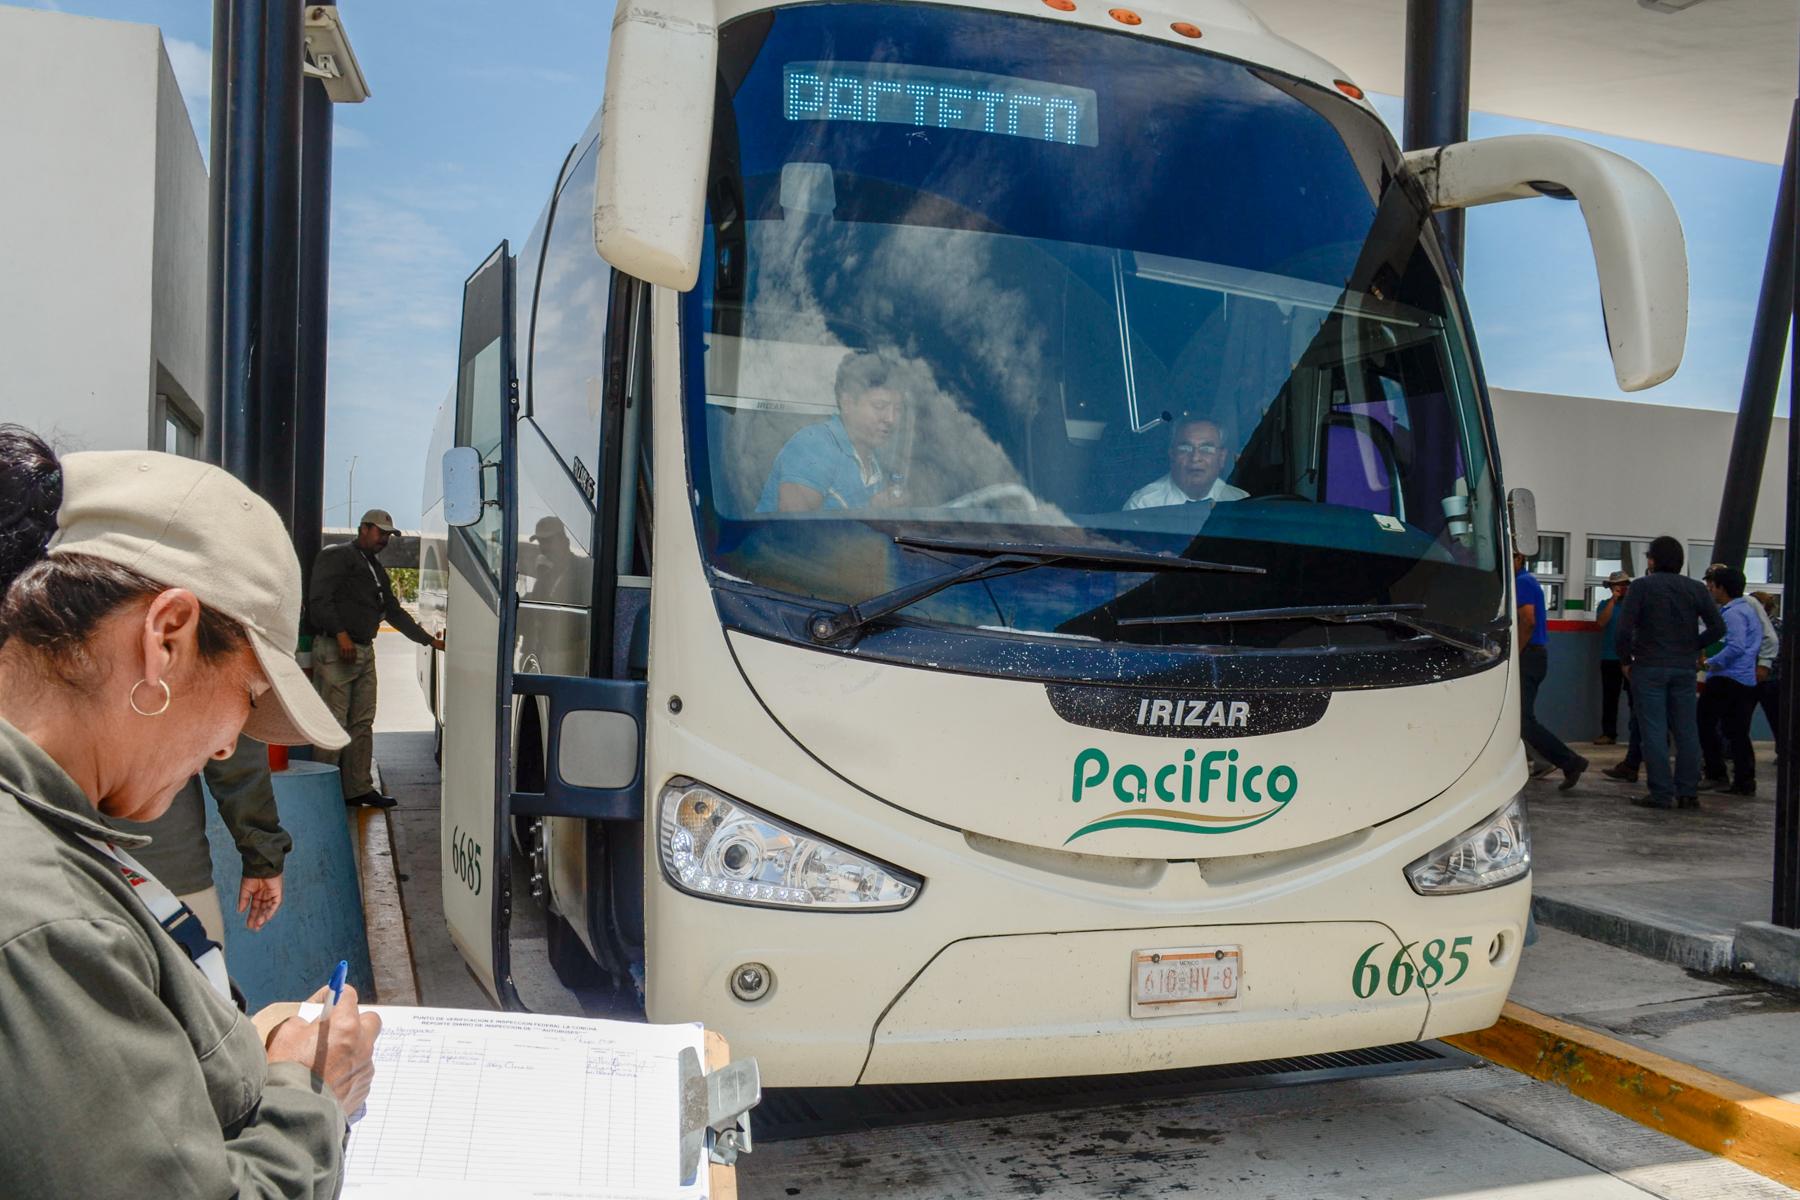 El transporte de pasajeros sometido a revisión